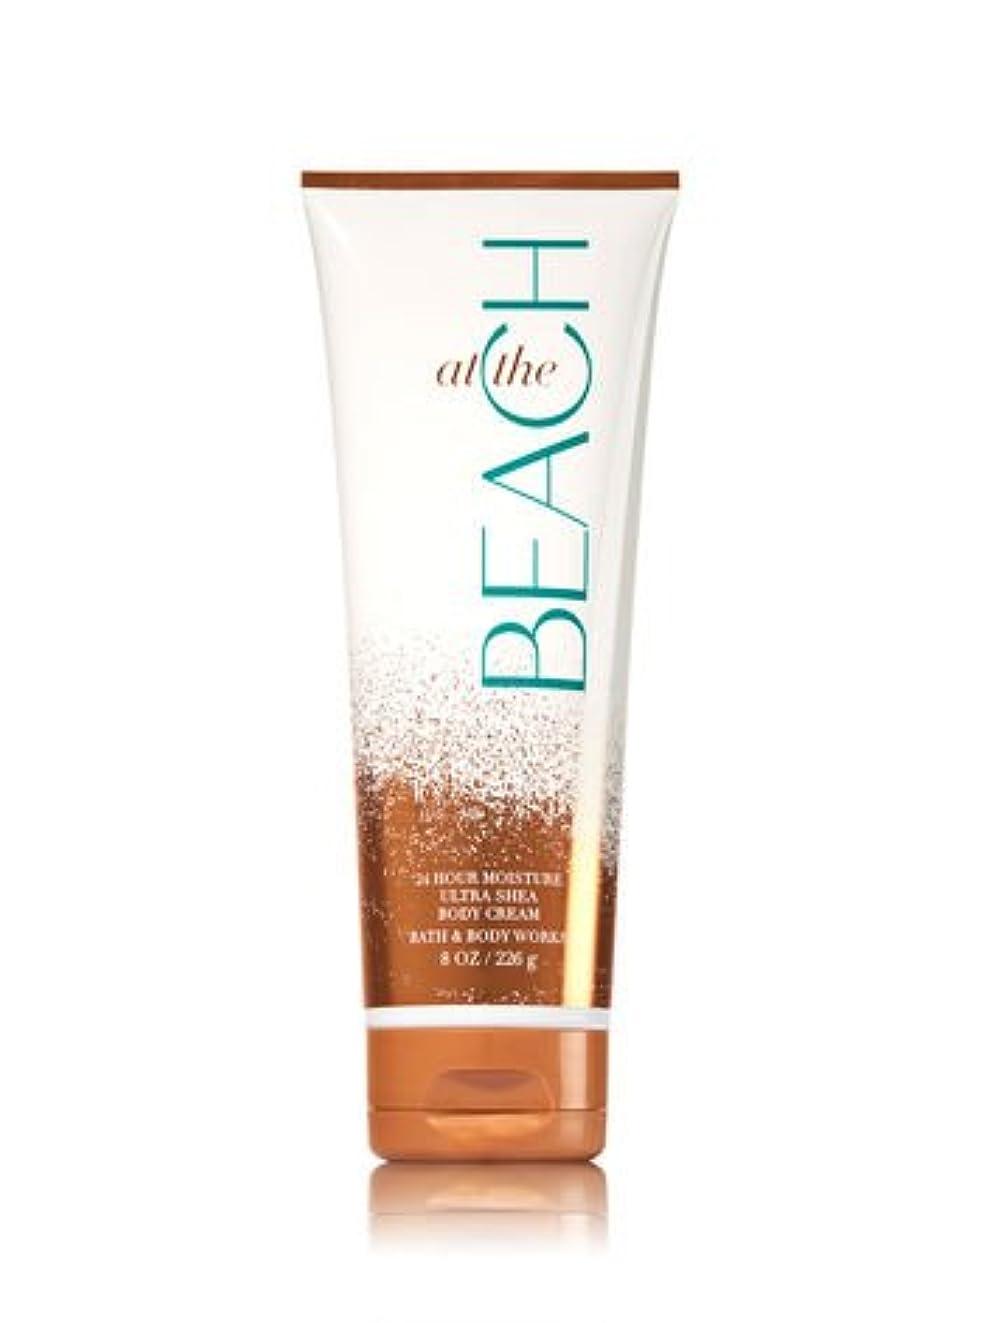 透けて見える予想外メカニック【Bath&Body Works/バス&ボディワークス】 ボディクリーム アットザビーチ Body Cream At The Beach 8 oz / 226 g [並行輸入品]